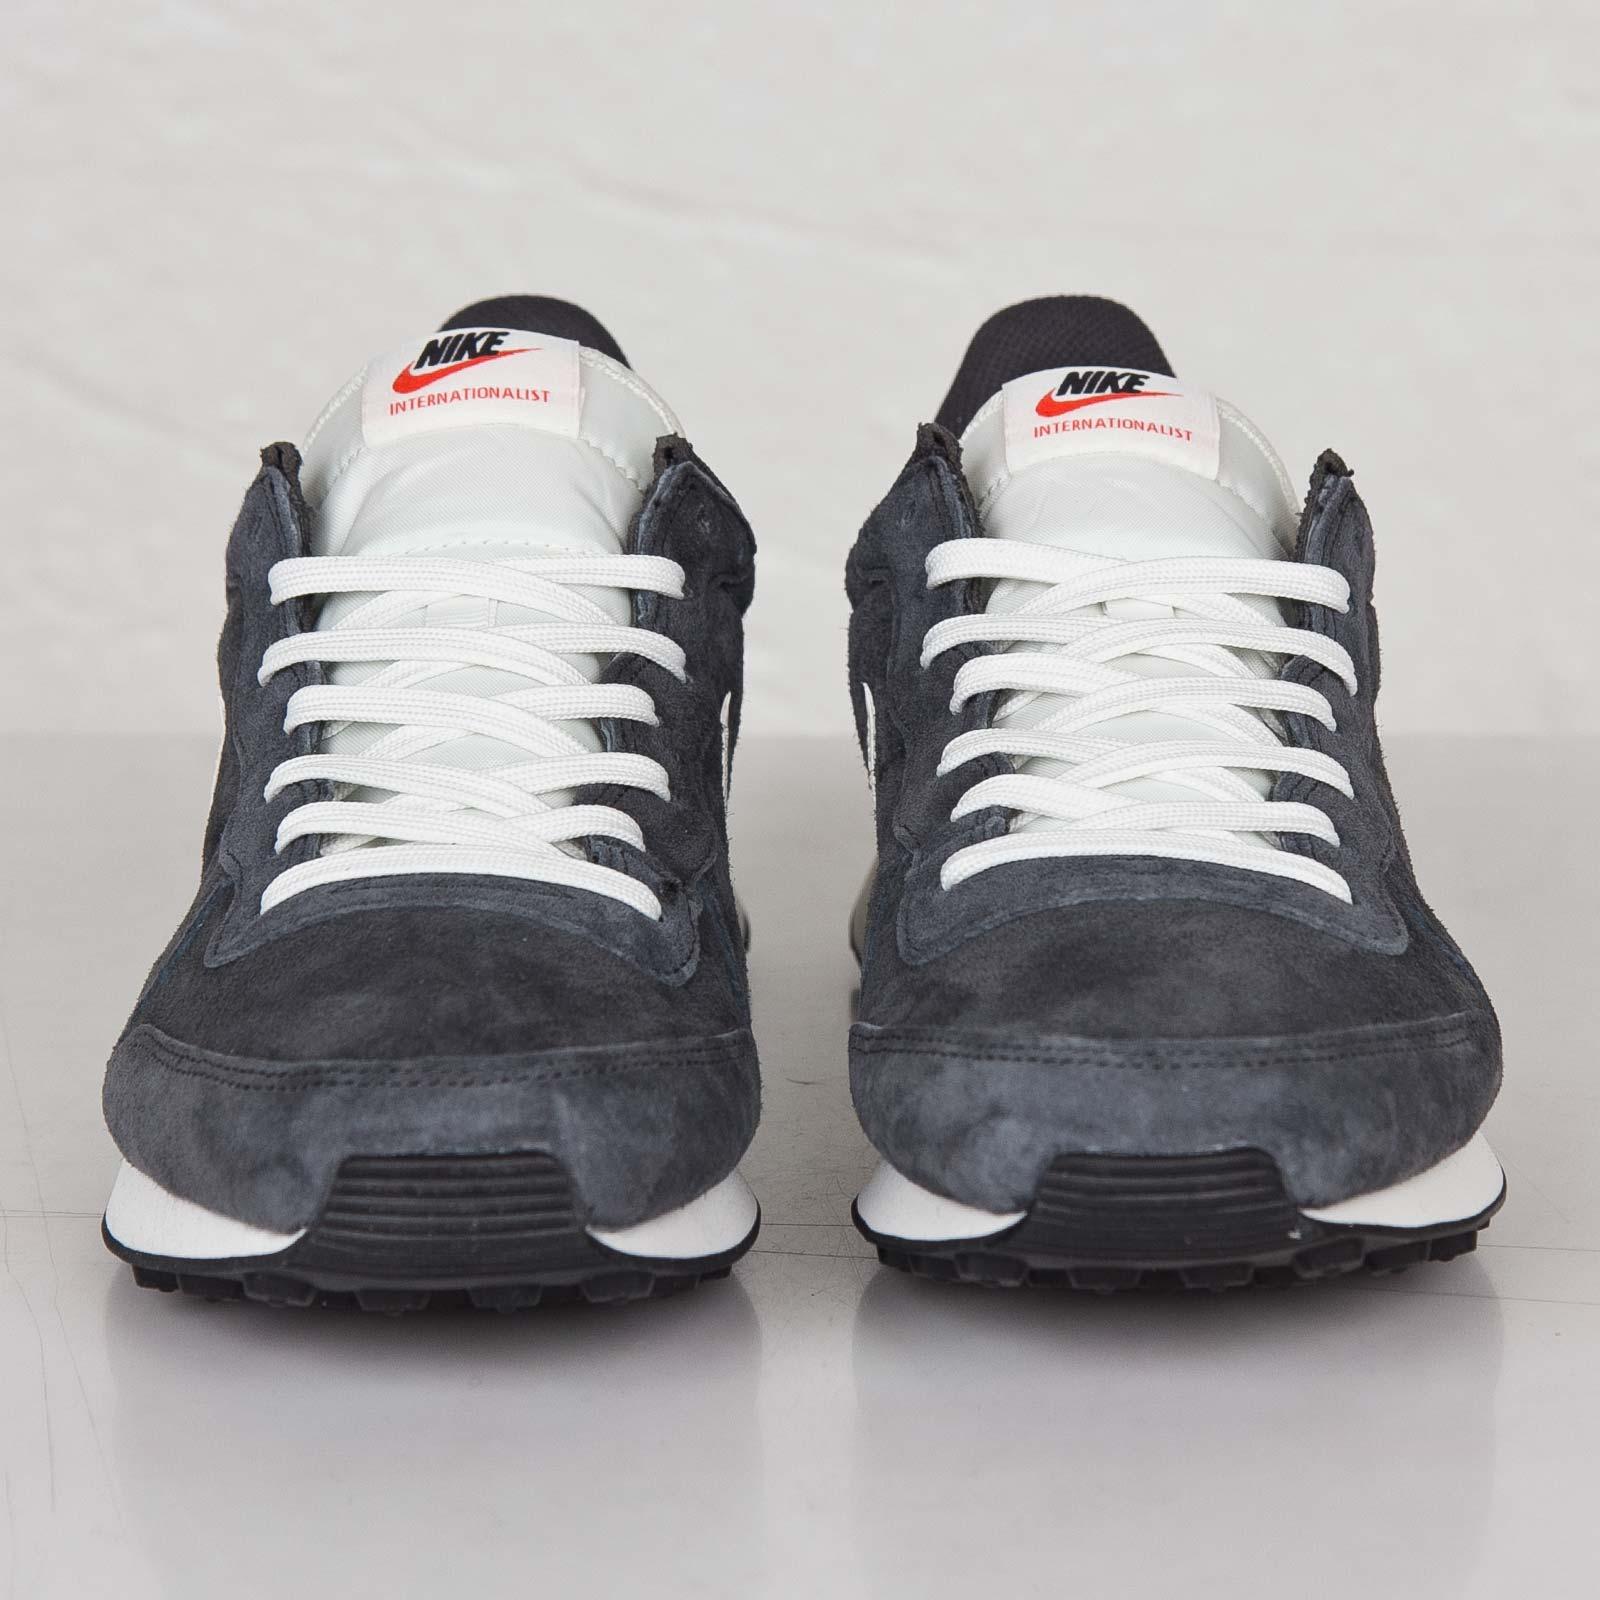 outlet store bb0e1 b2921 Nike Internationalist PGS Leather - 705017-001 - Sneakersnstuff   sneakers    streetwear online since 1999